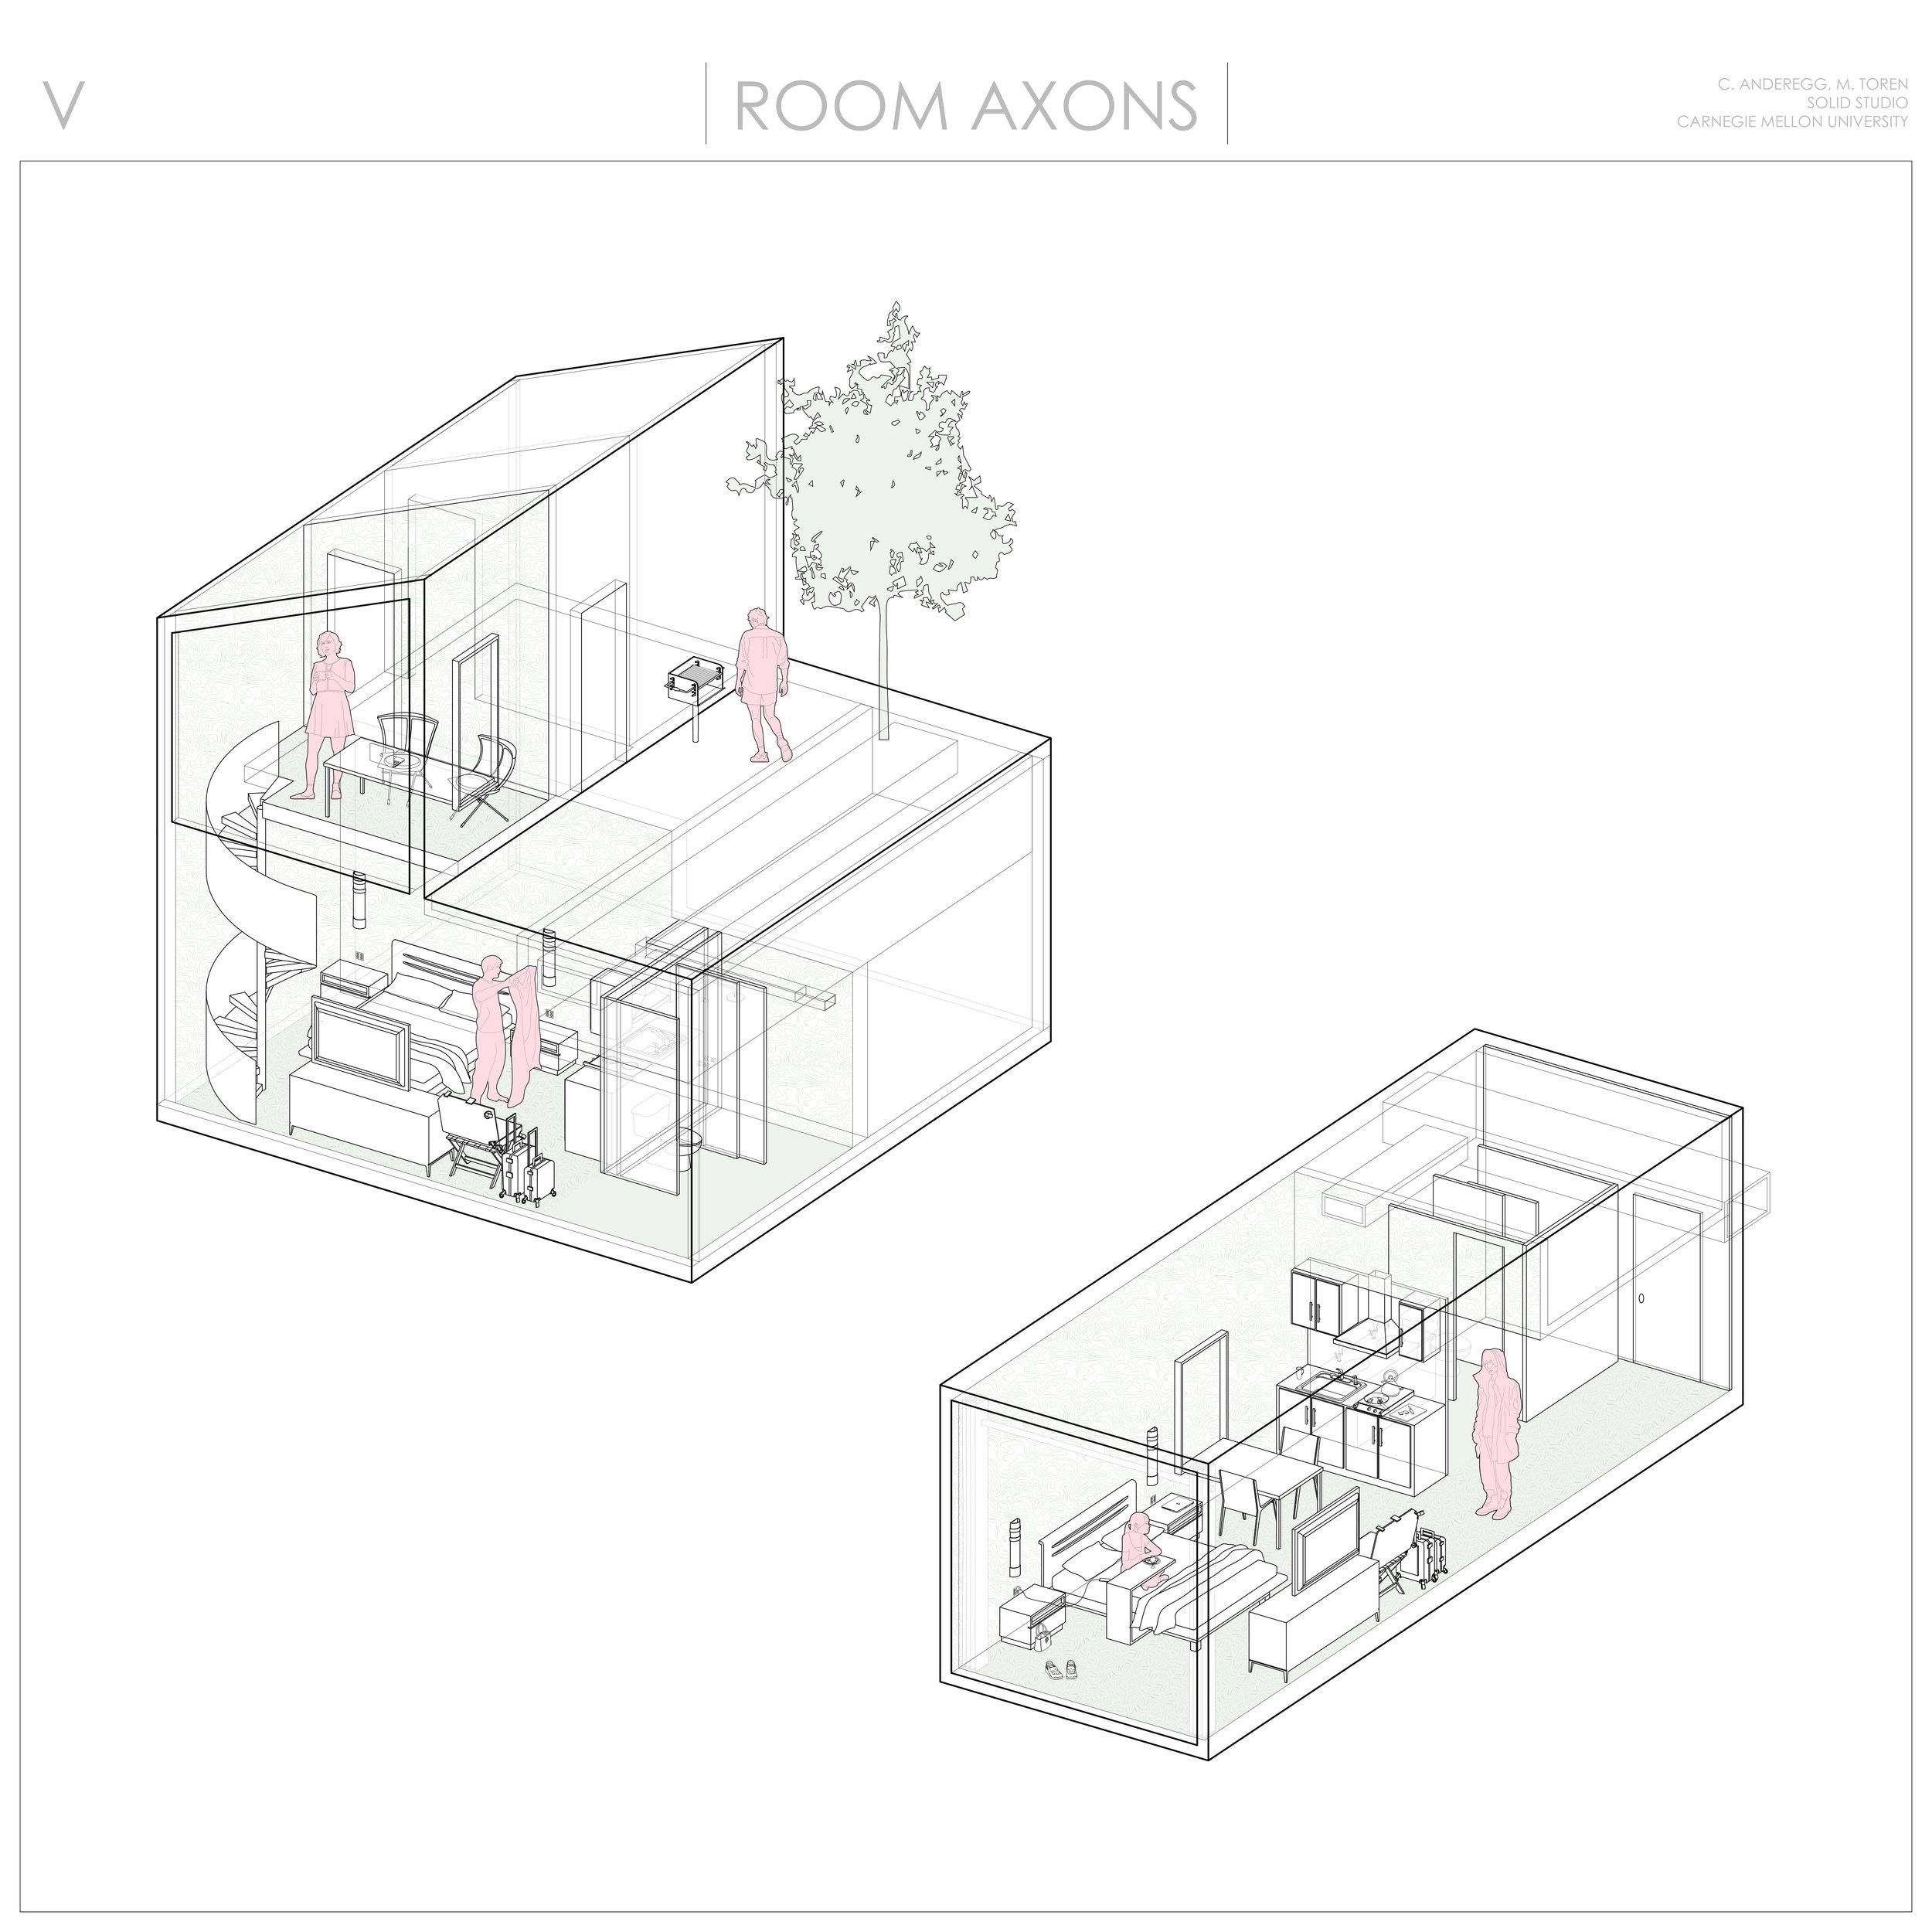 Room Axons-1.jpg